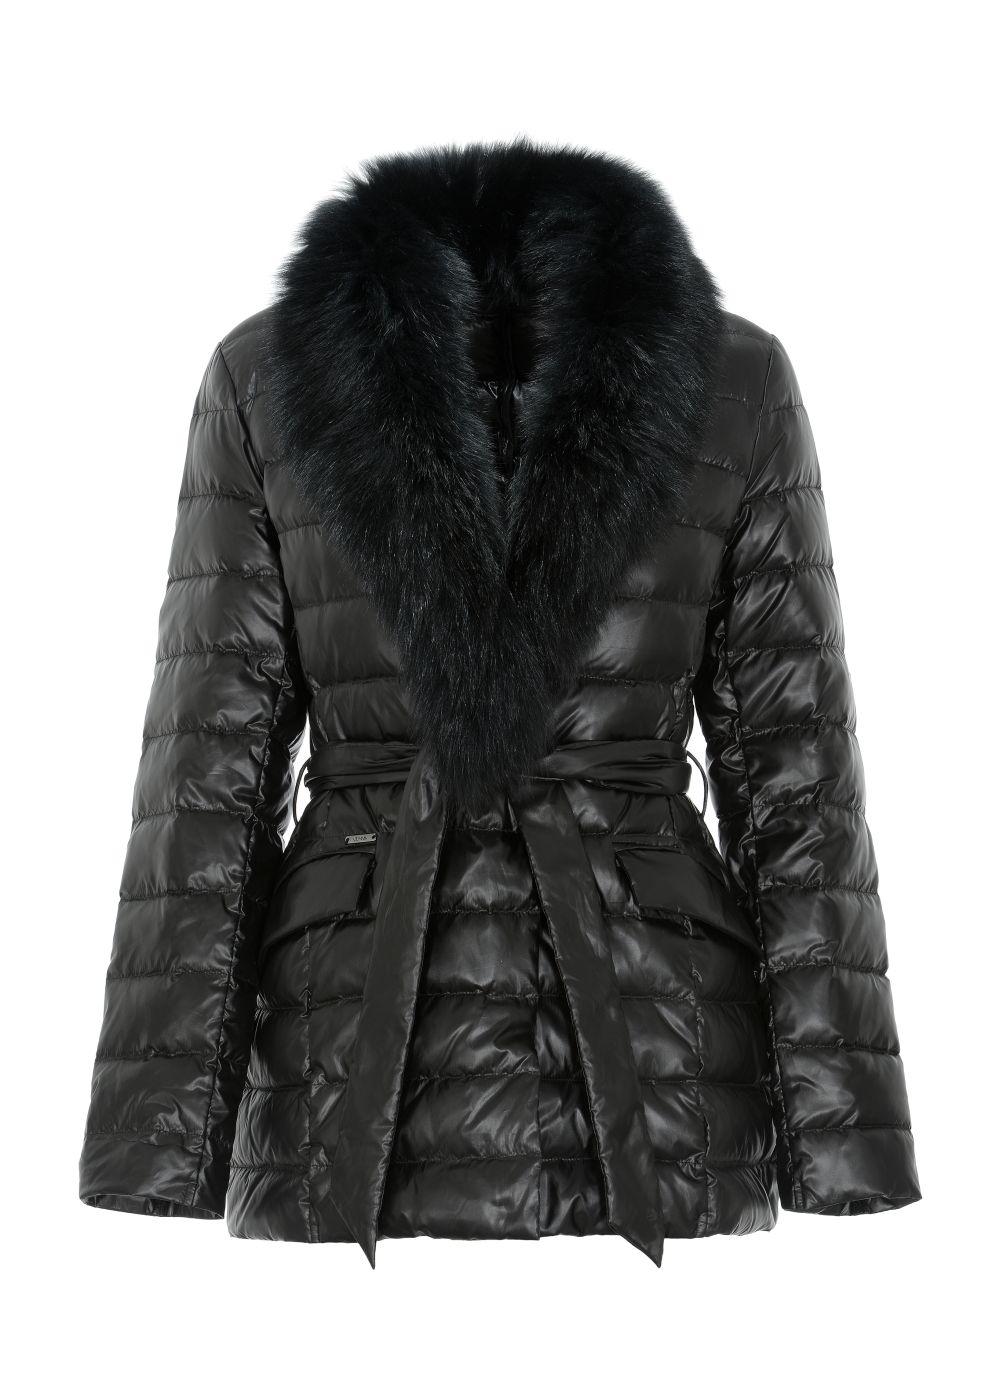 Czarna pikowana kurtka damska z paskiem KURDT-0250-99(Z20)